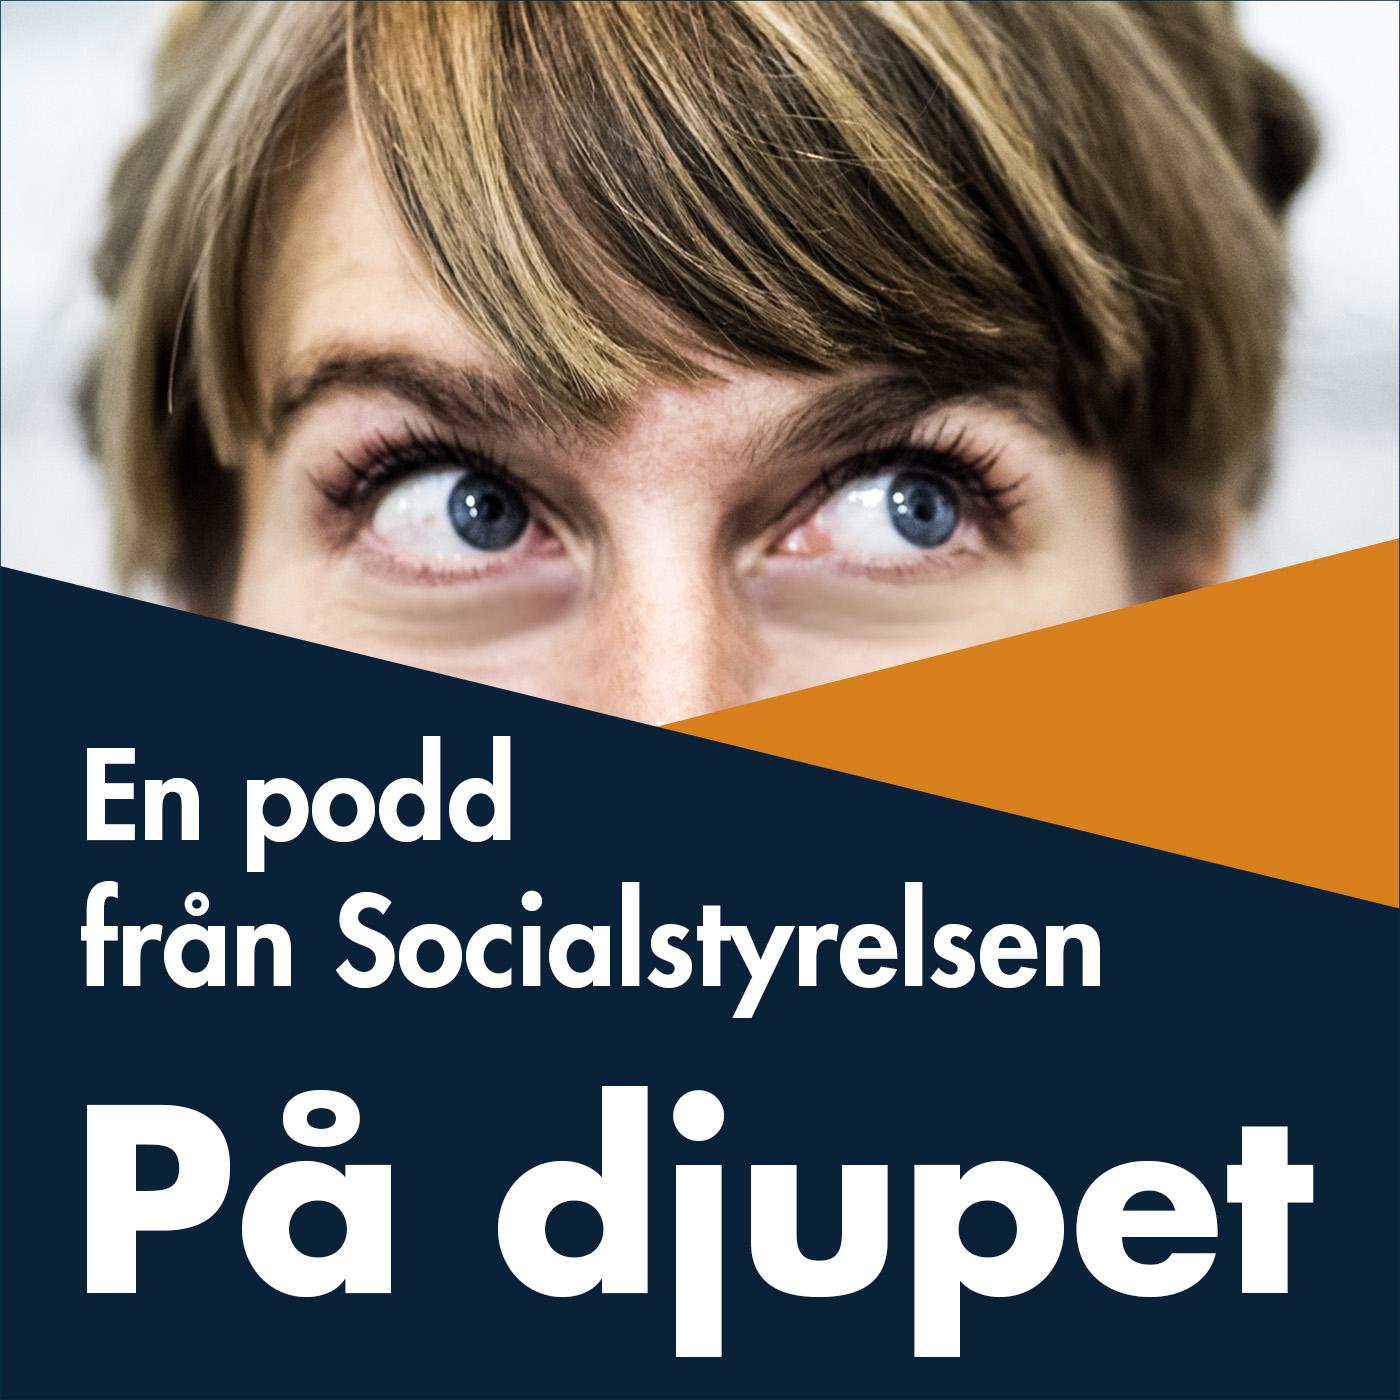 69. Om allvarliga vårdskador i Sverige